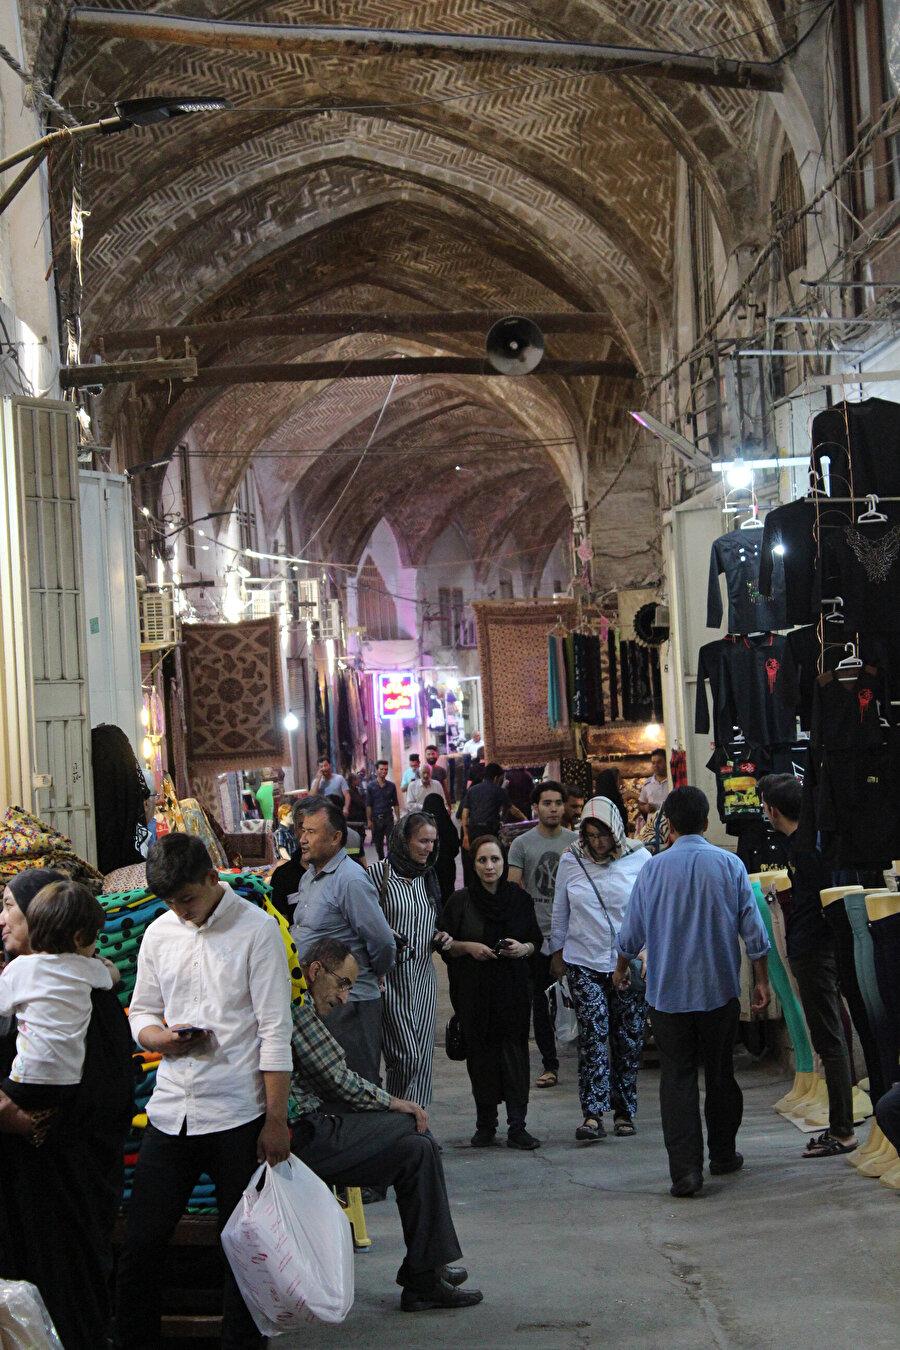 İran'a uzun sayılabilecek bir dönem başşehir olmuş İsfehân'dan.. Şehir, Tahran sonrası ülkenin yeni başkenti olma ihtimaline sahip şehirlerinden de biri.